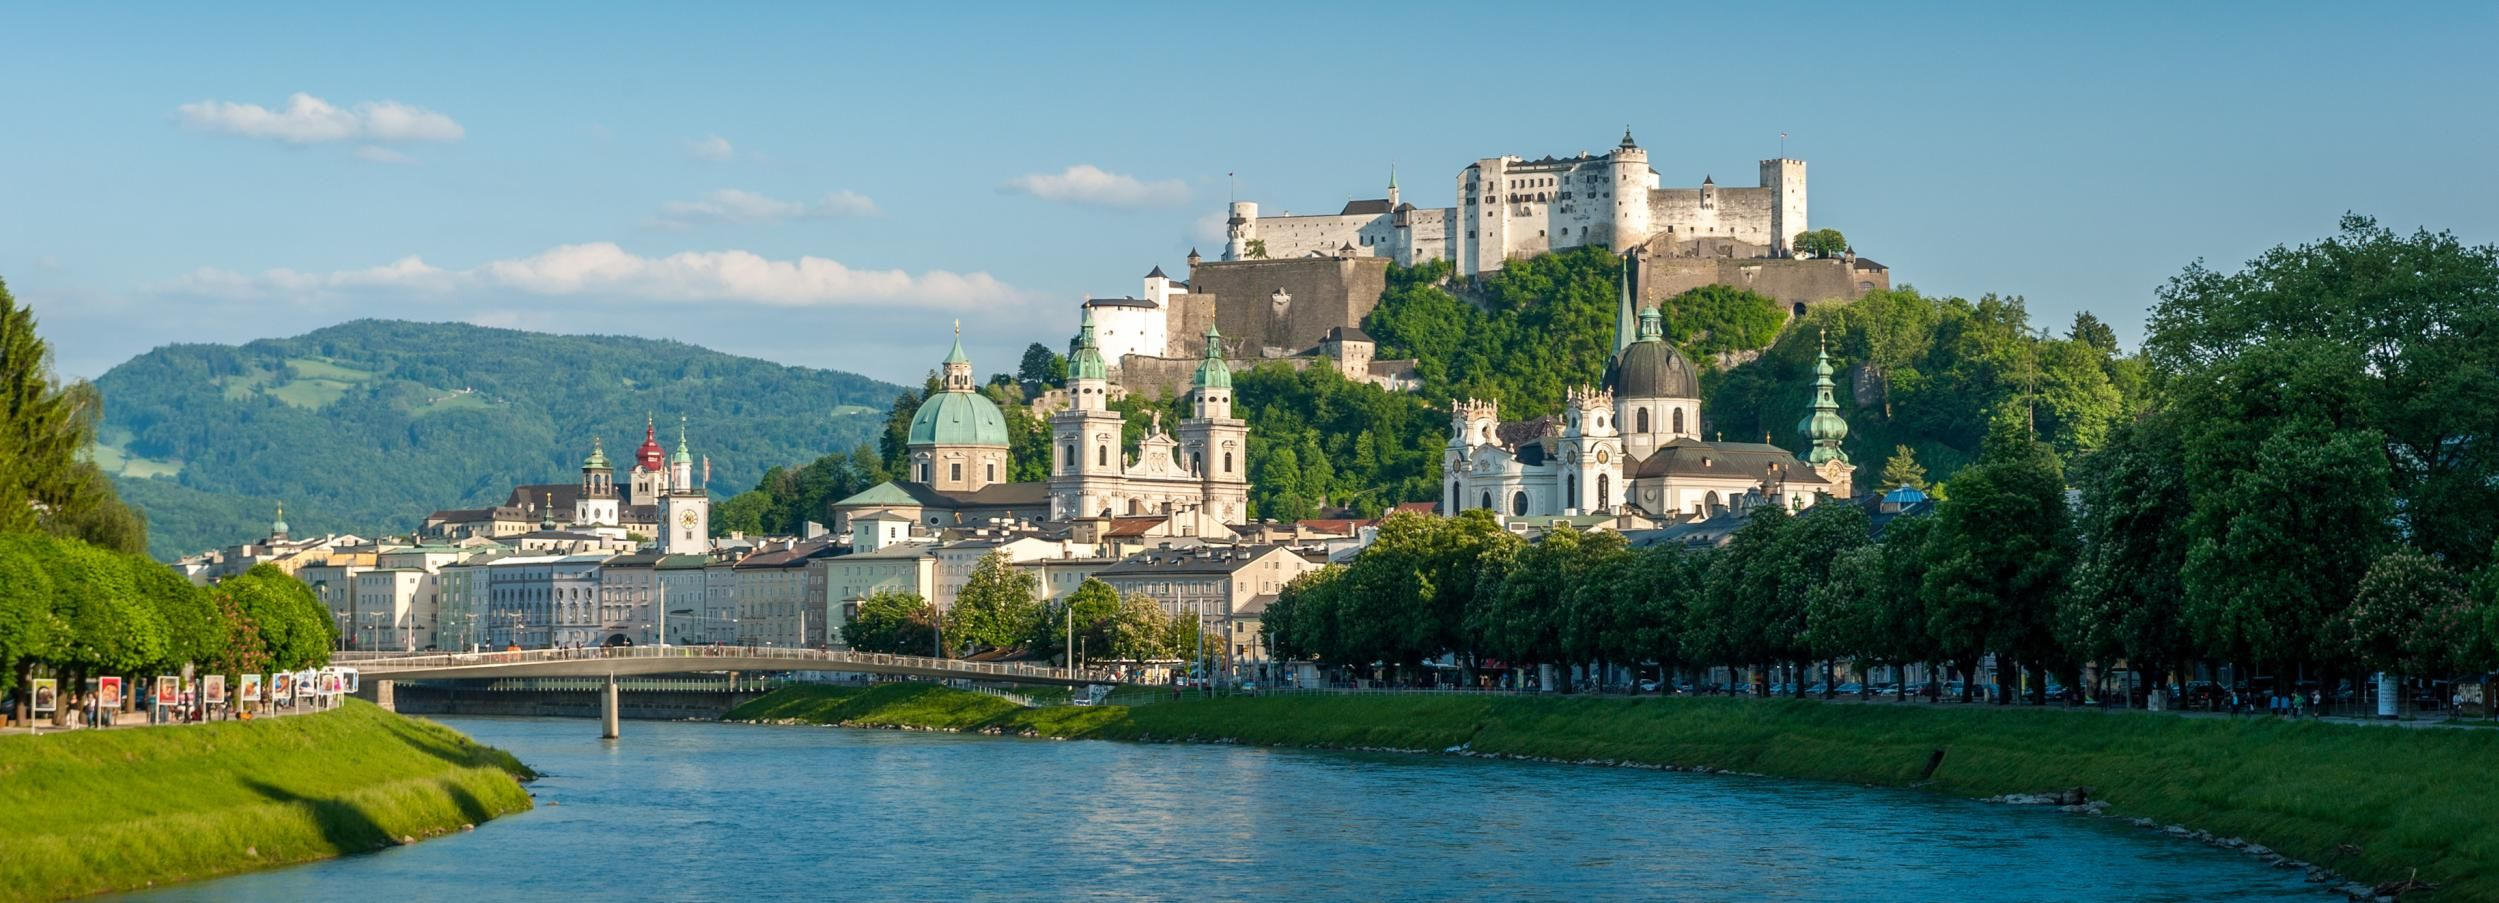 Depuis Vienne: visite d'une journée à Salzbourg